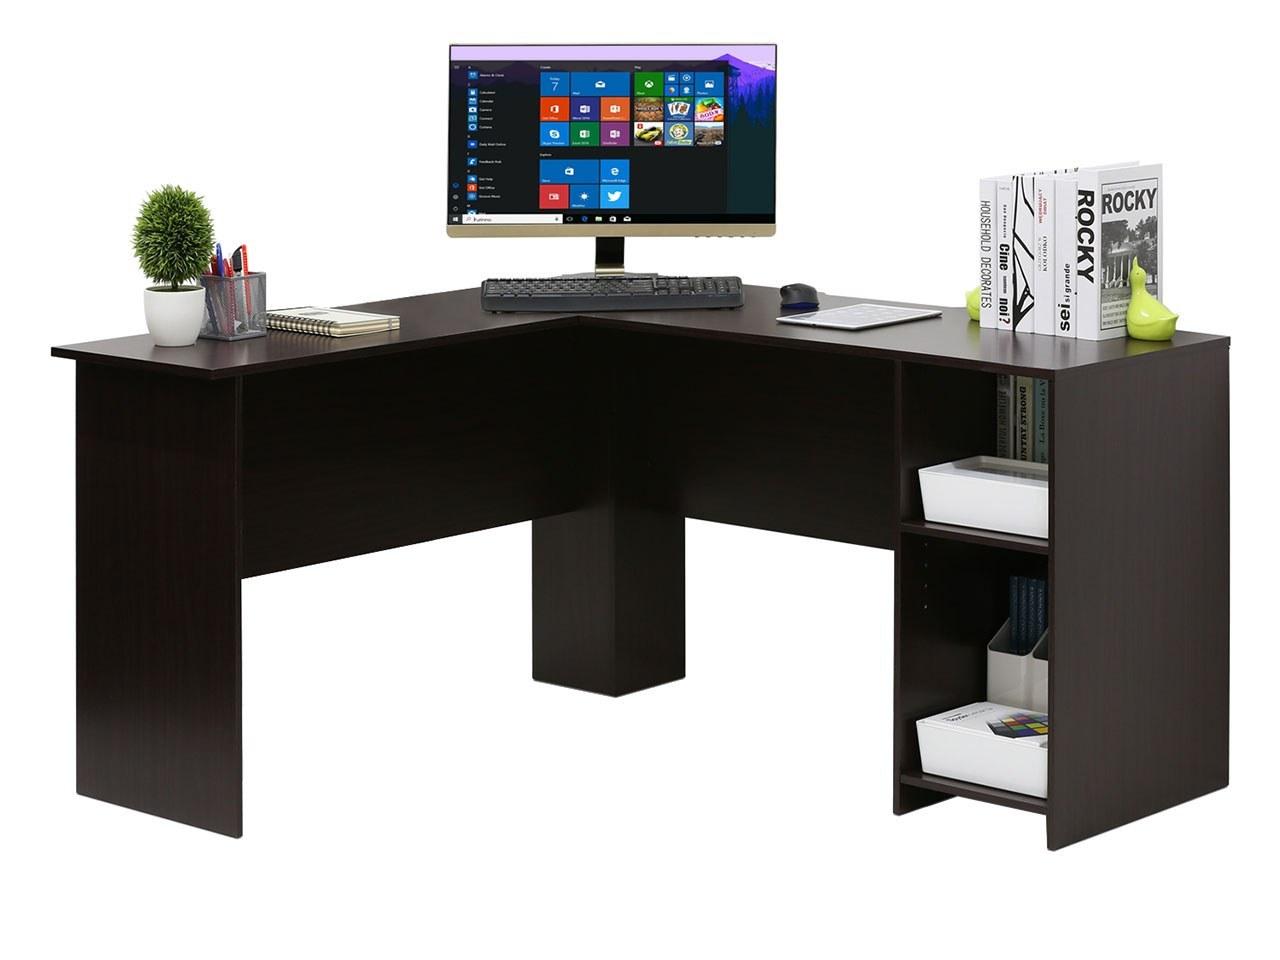 عکس میز کامپیوتر مدرن MC 12  میز-کامپیوتر-مدرن-mc-12